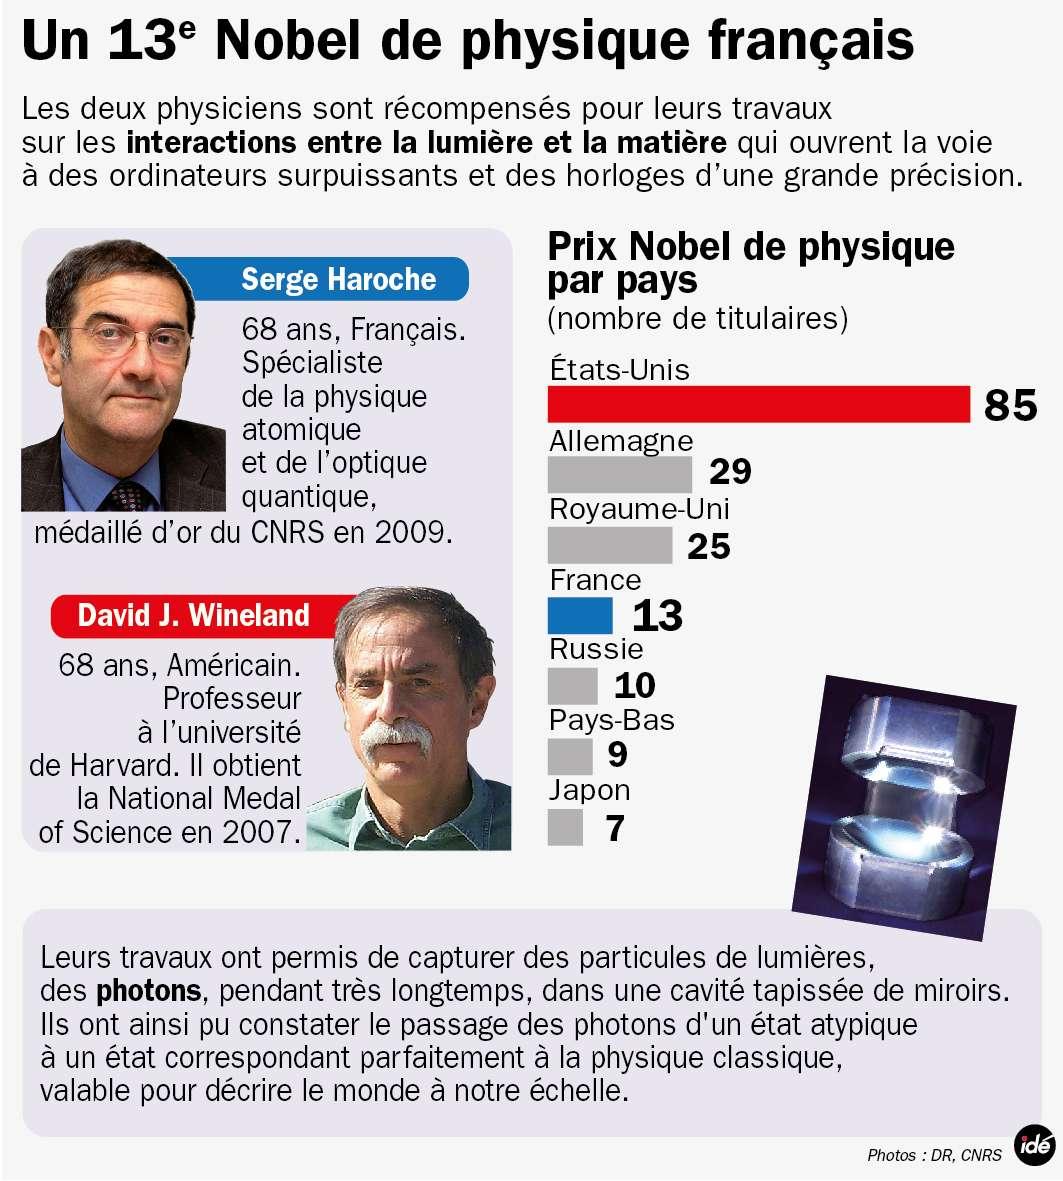 Le physicien américain David Wineland est colauréat, ce mardi 9 octobre 2012, du prix Nobel de physique avec avec le Français Serge Haroche. Le prix récompense leurs travaux en physique quantique. © NIST